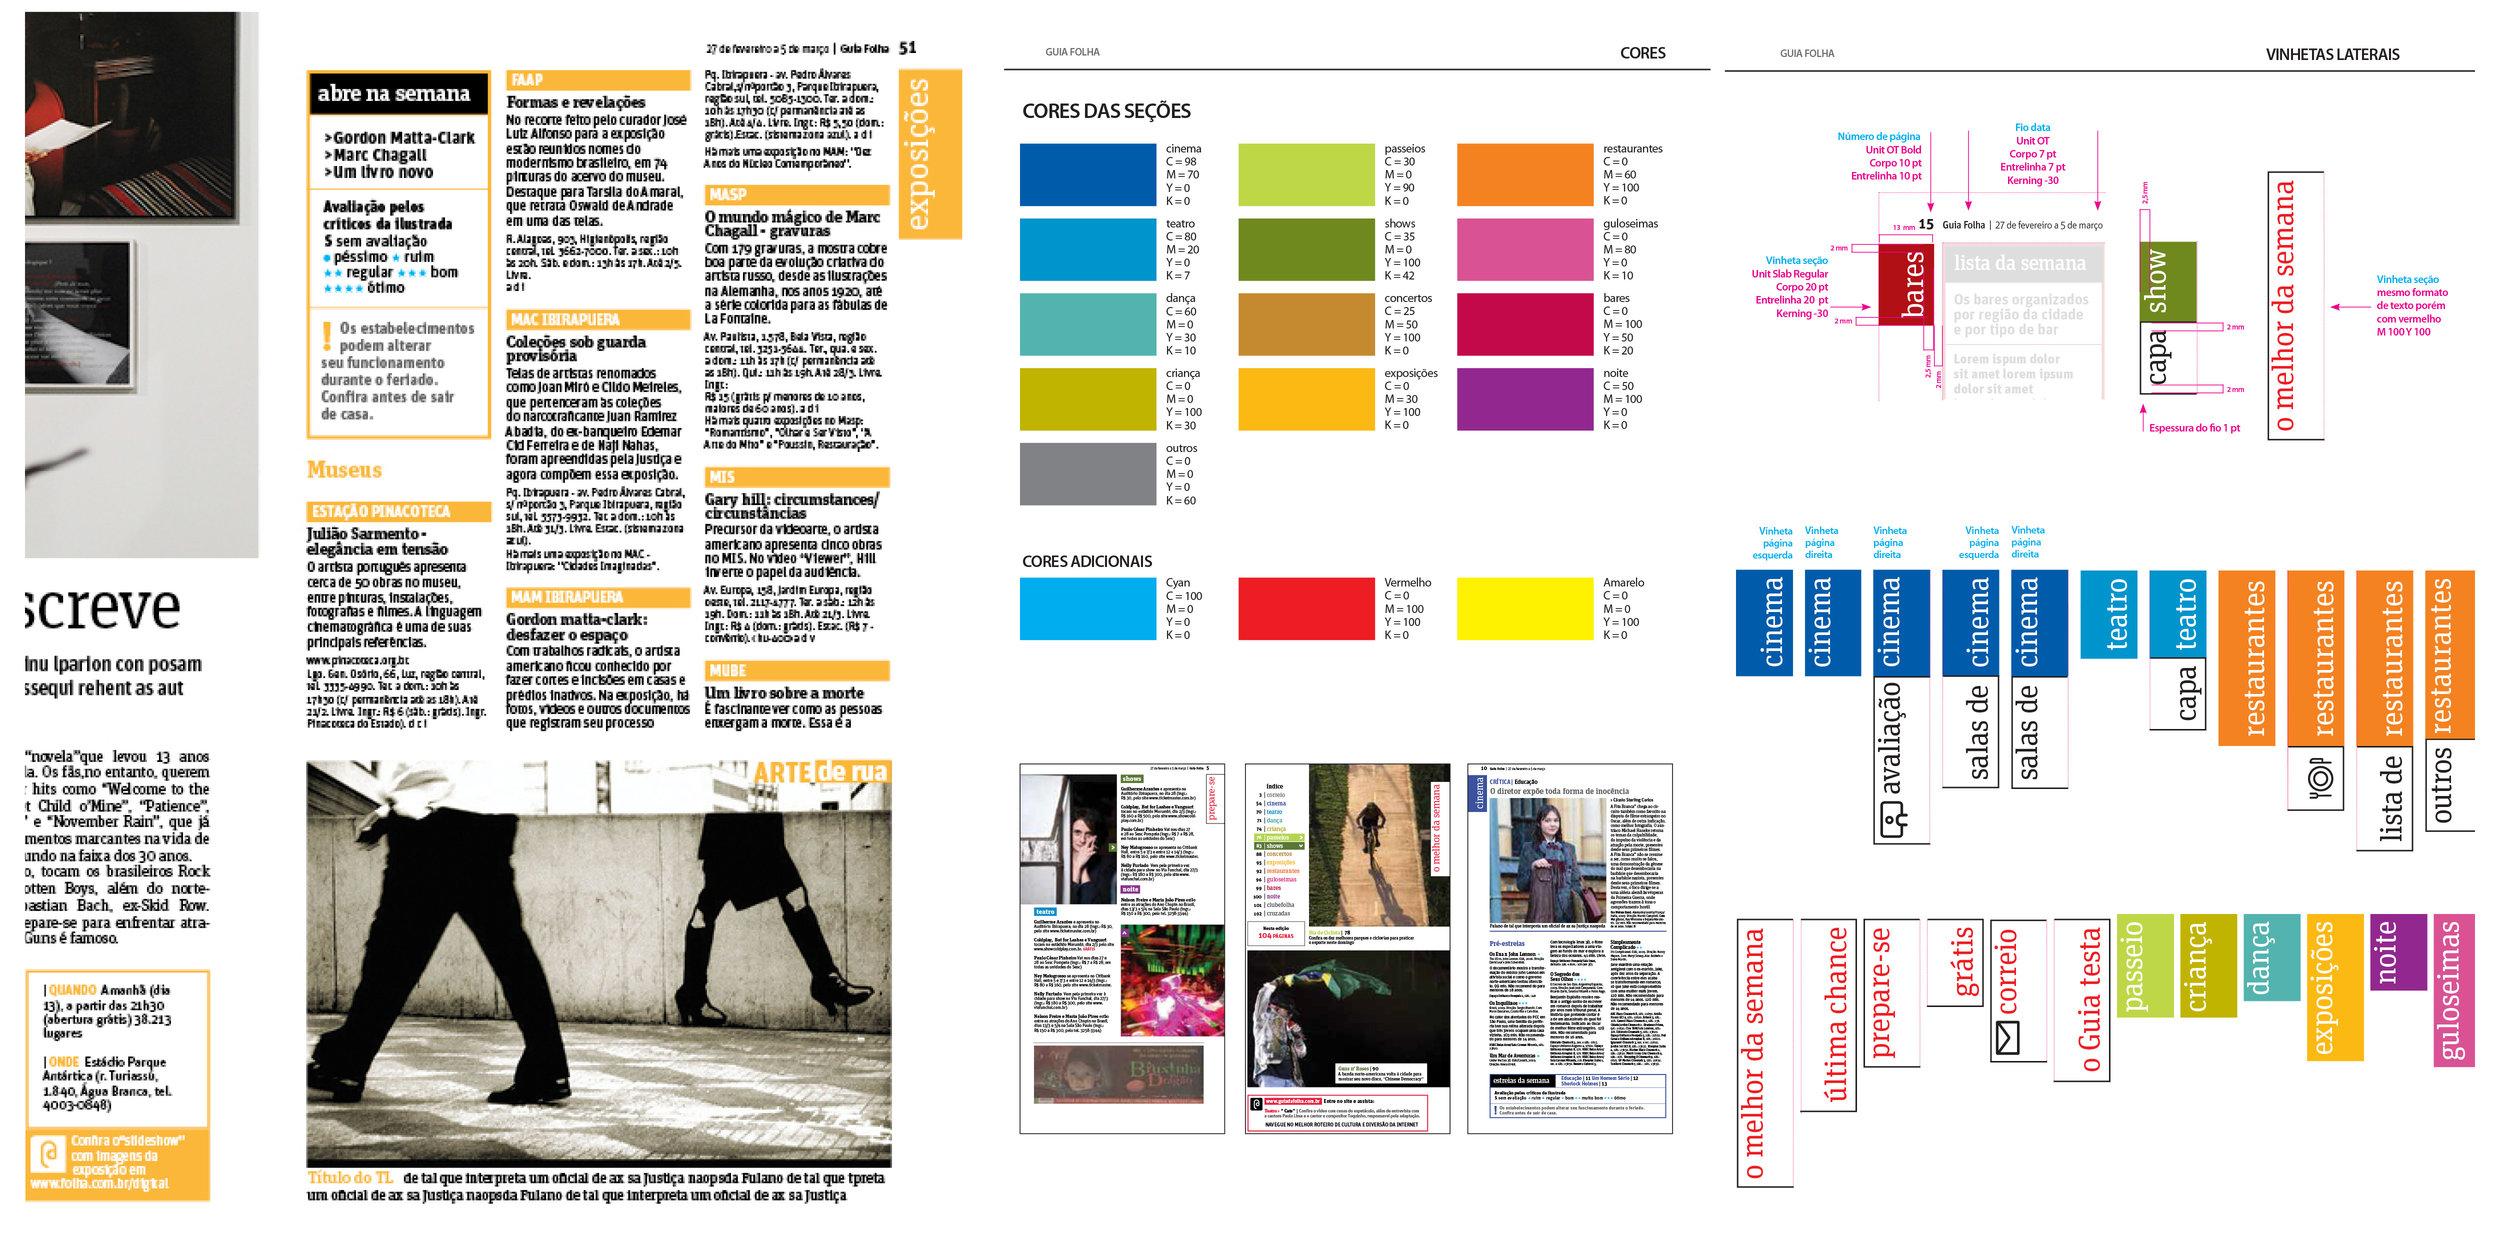 carrossel_jornais,livros,revistas-6.jpg